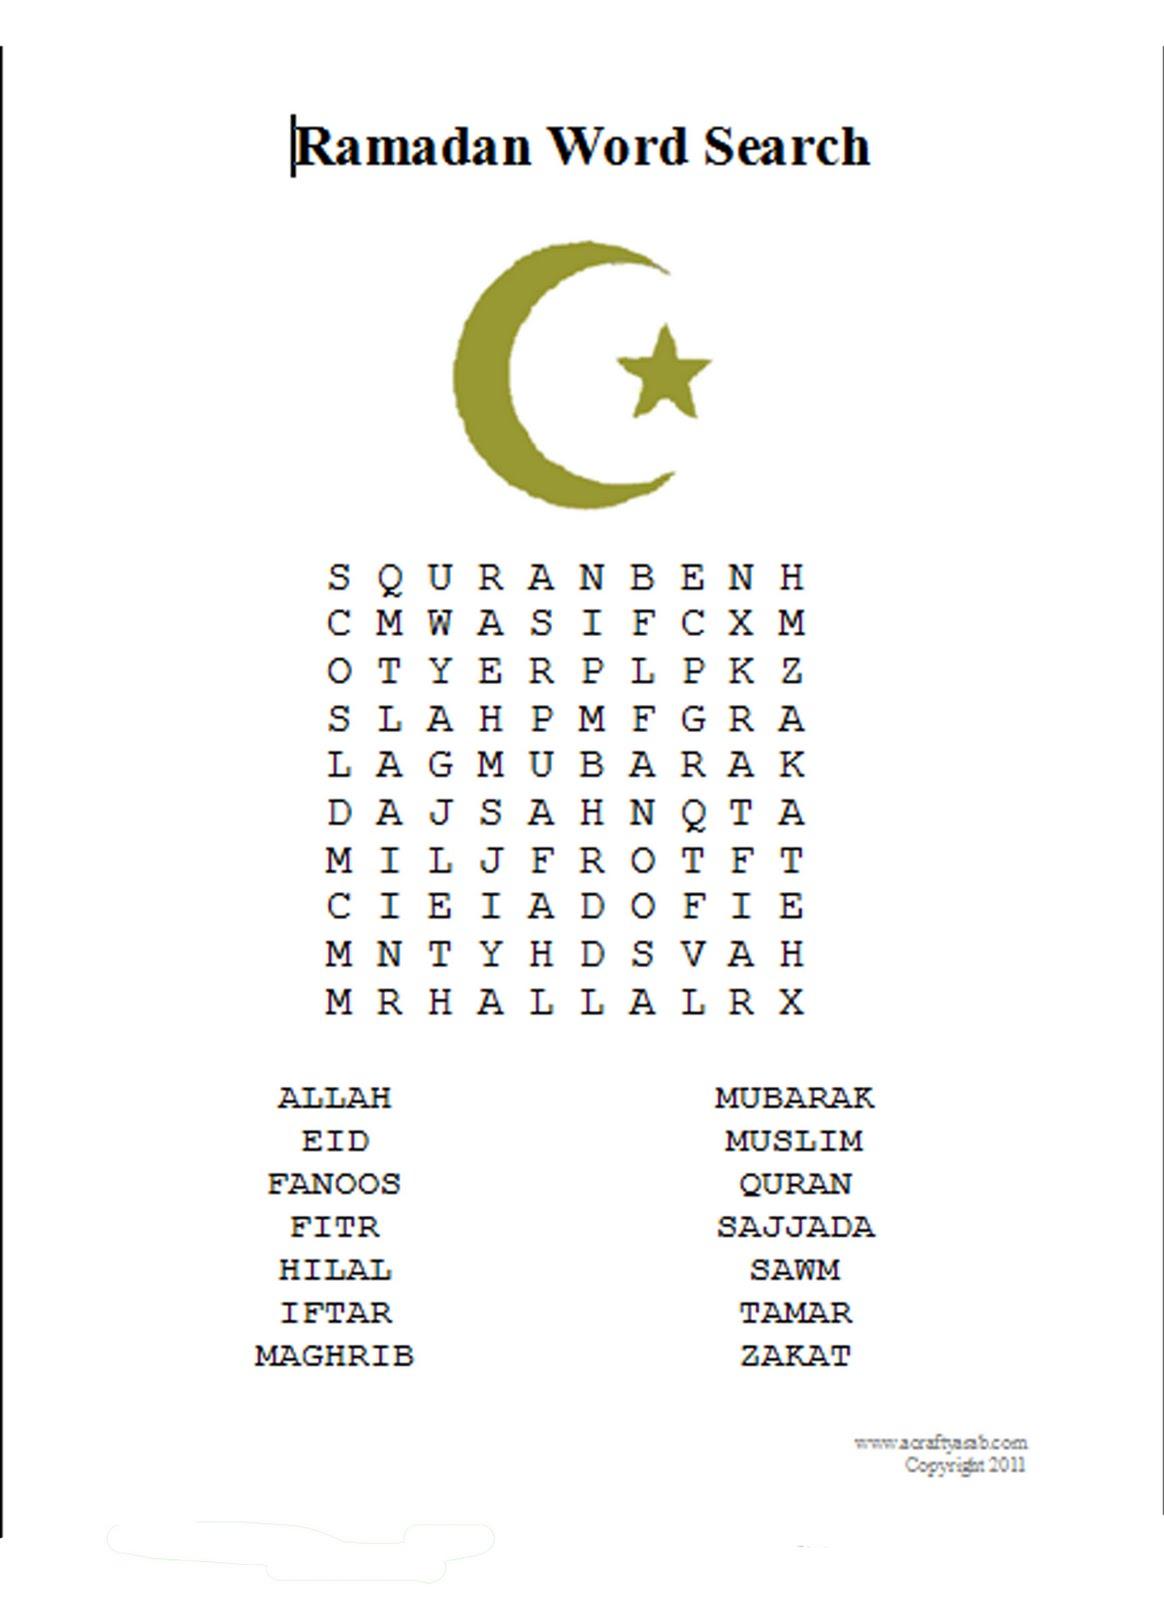 A Crafty Arab Ramadan Word Search